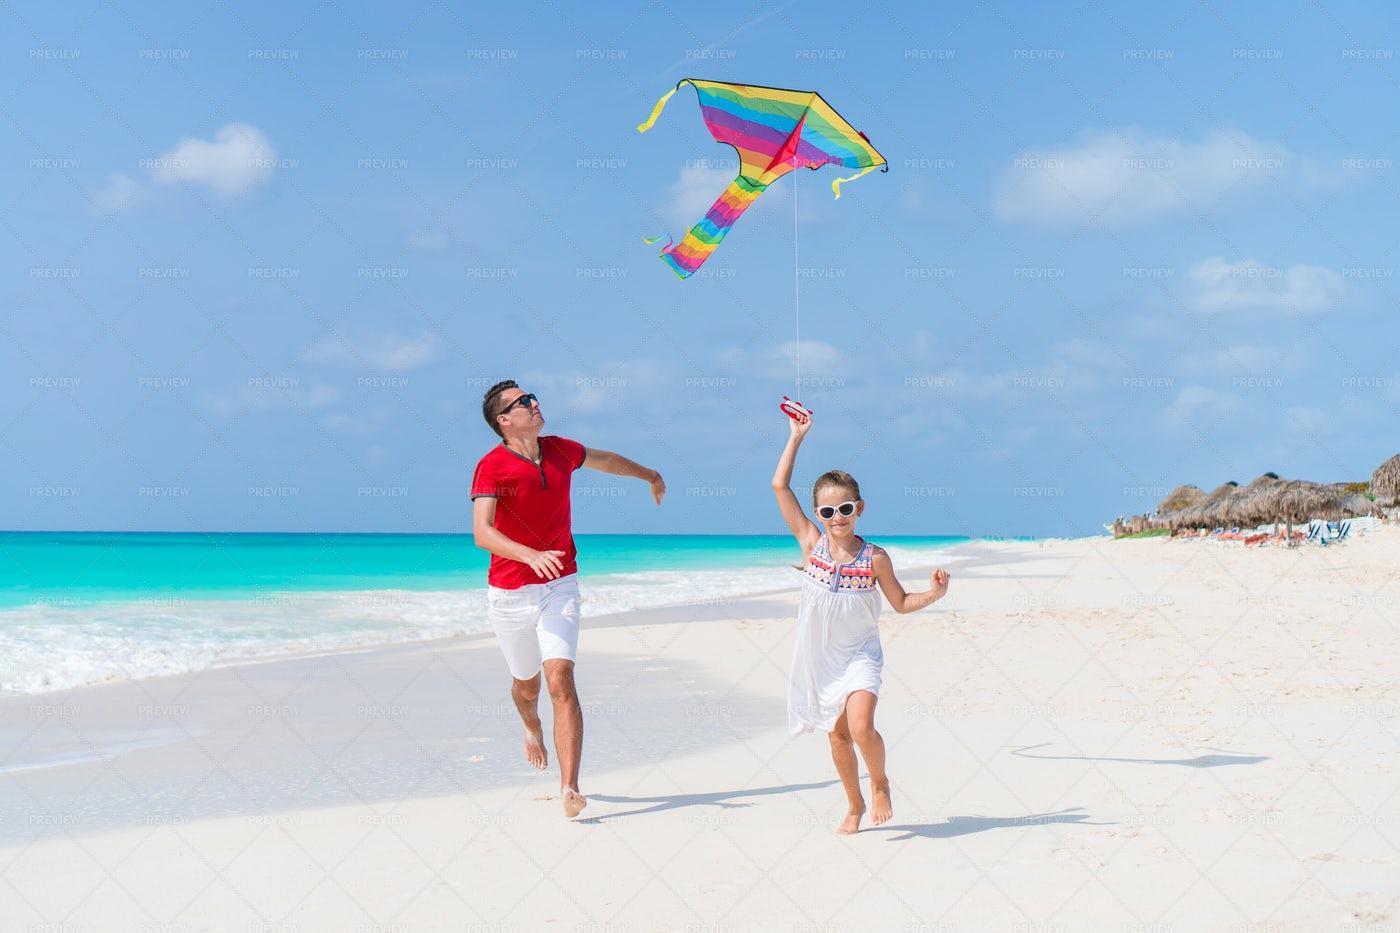 Flying A Kite On Beach: Stock Photos